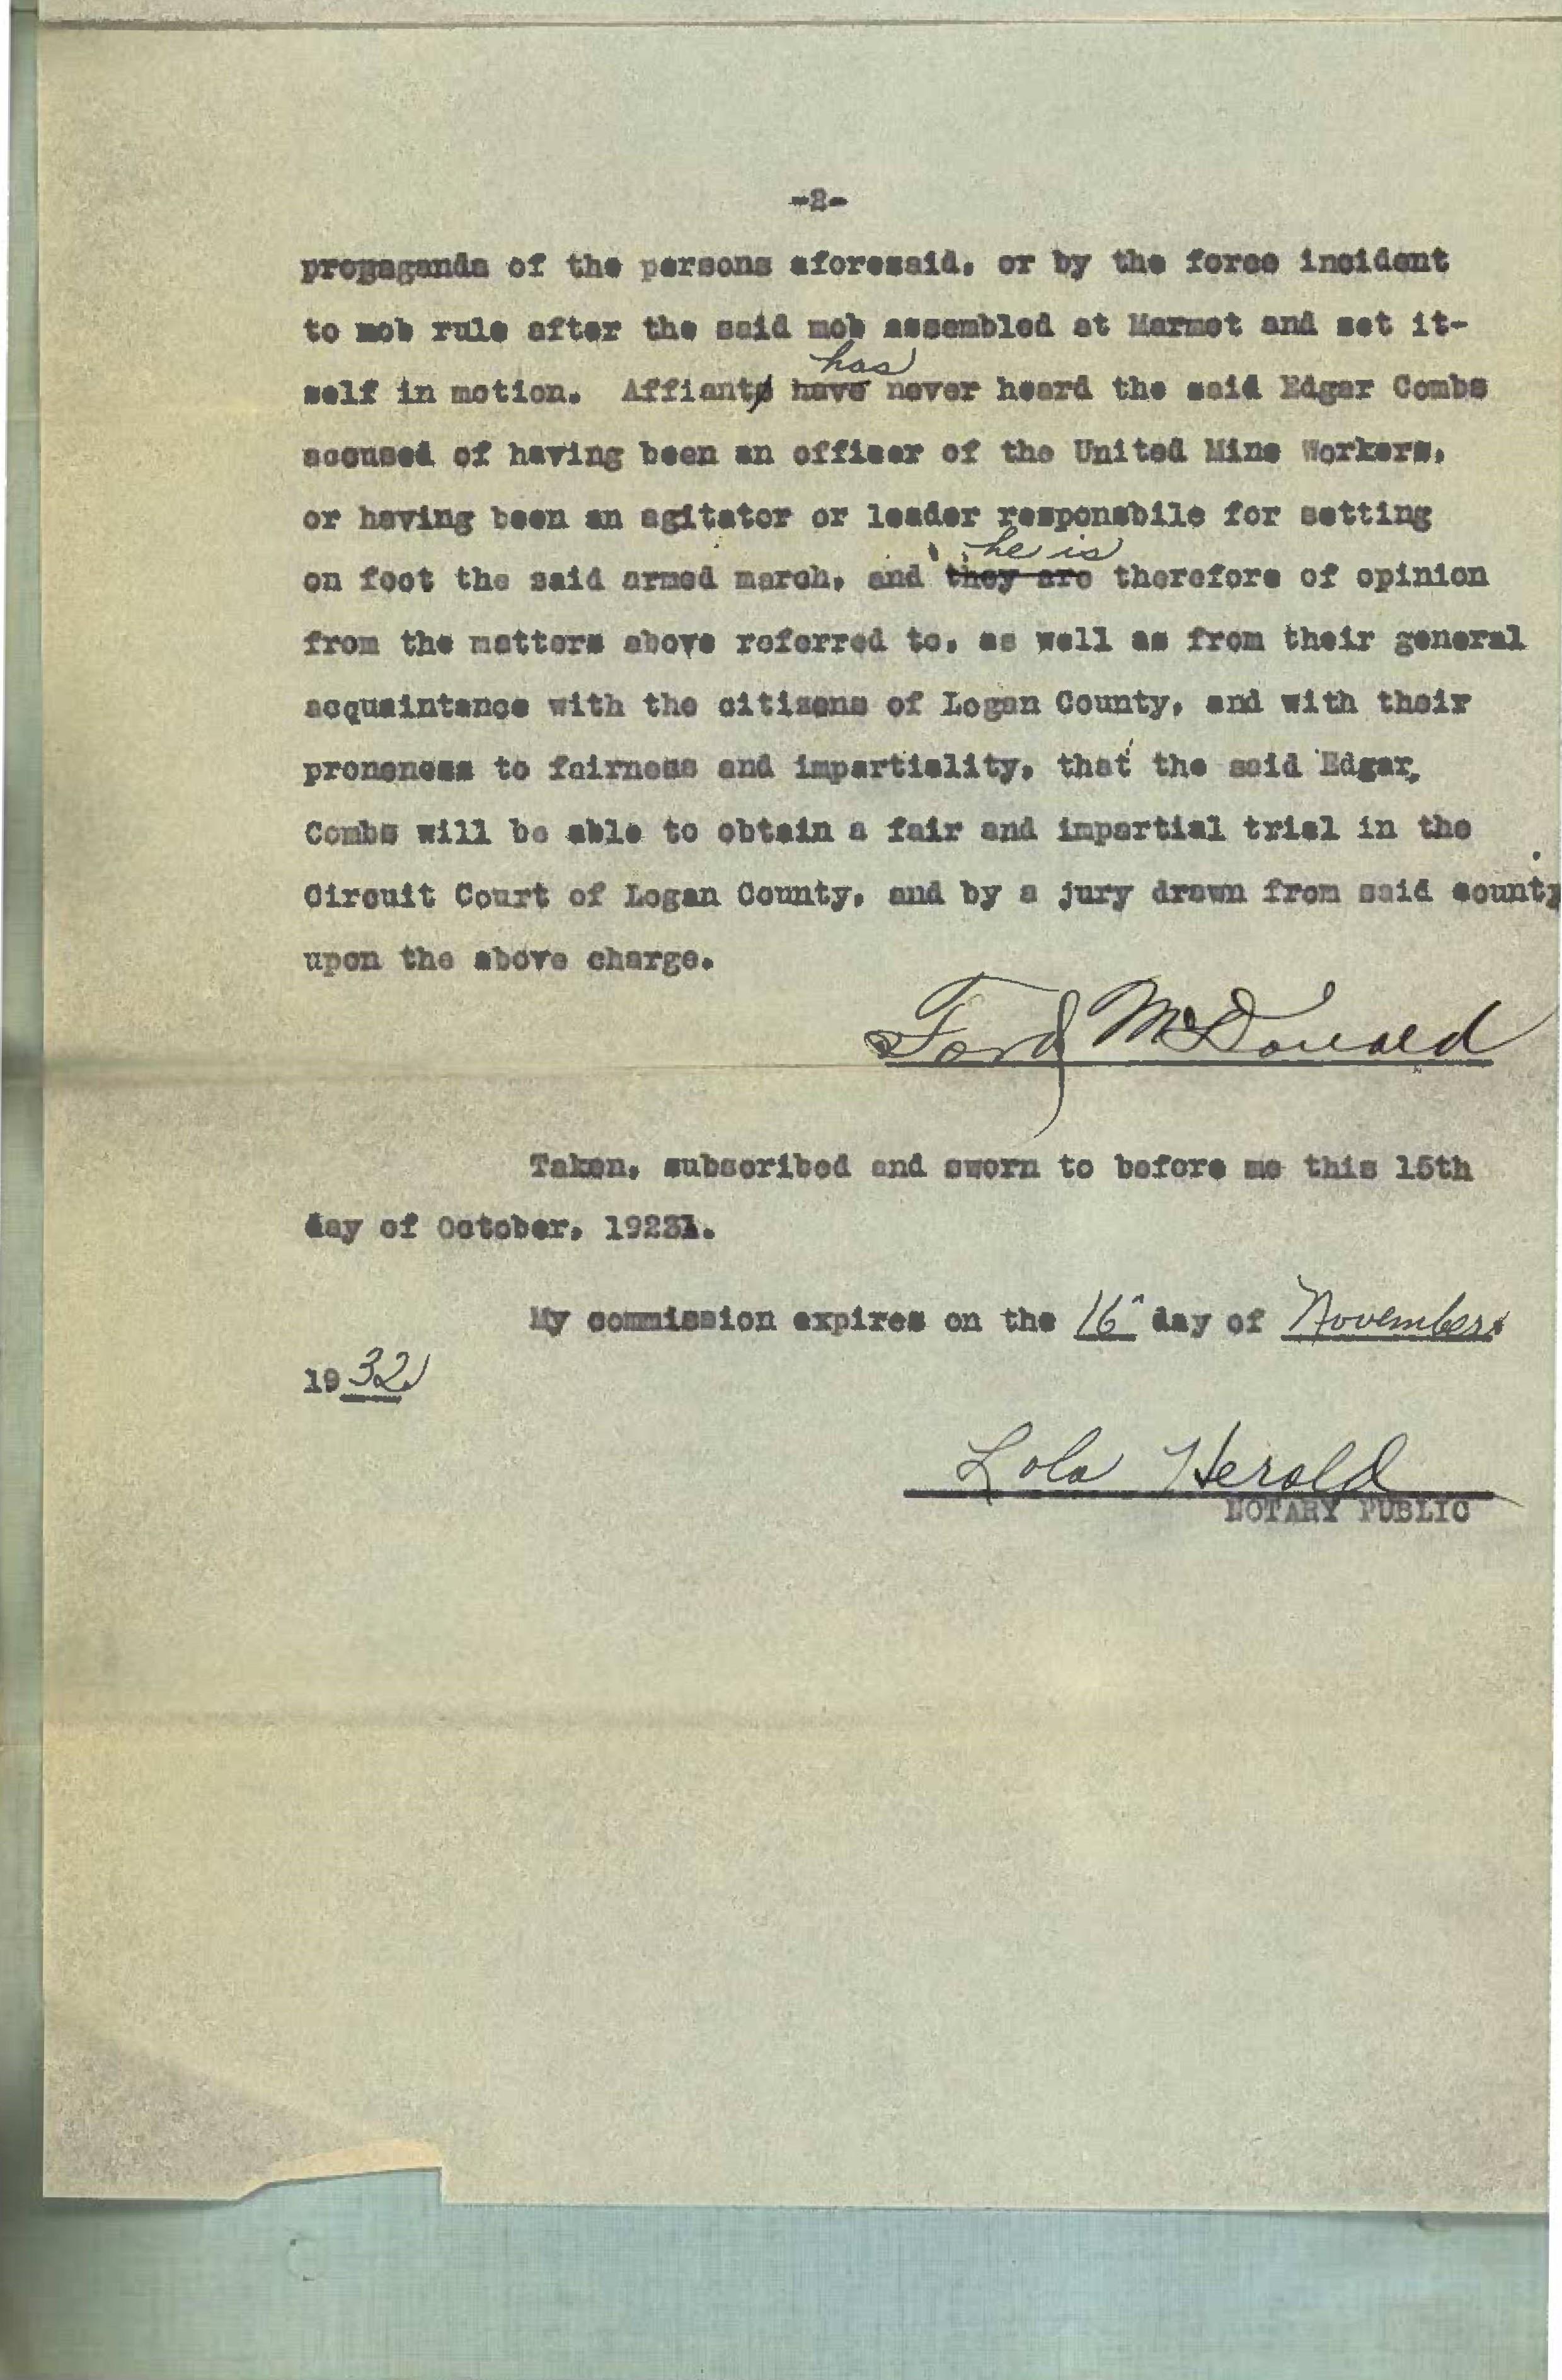 Document 14-2